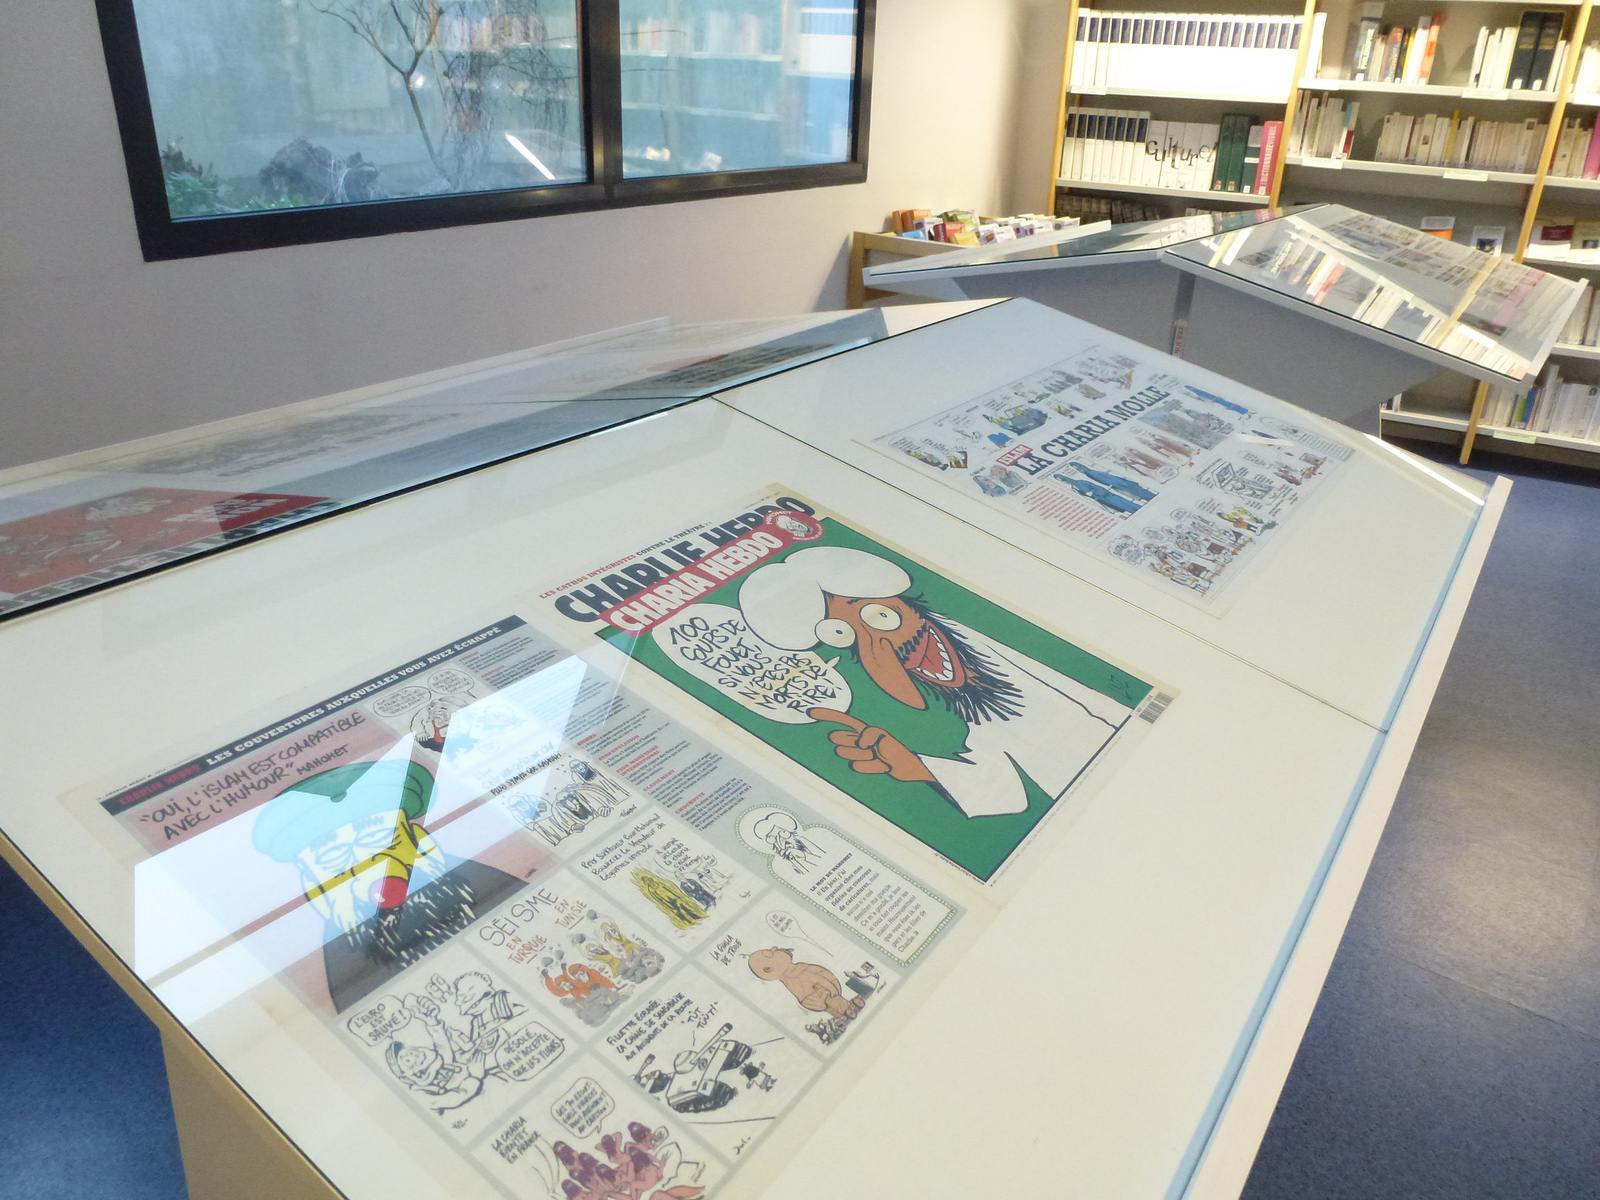 charlie hebdo exhibit6 Exhibition Charlie Hebdo at Quimperle